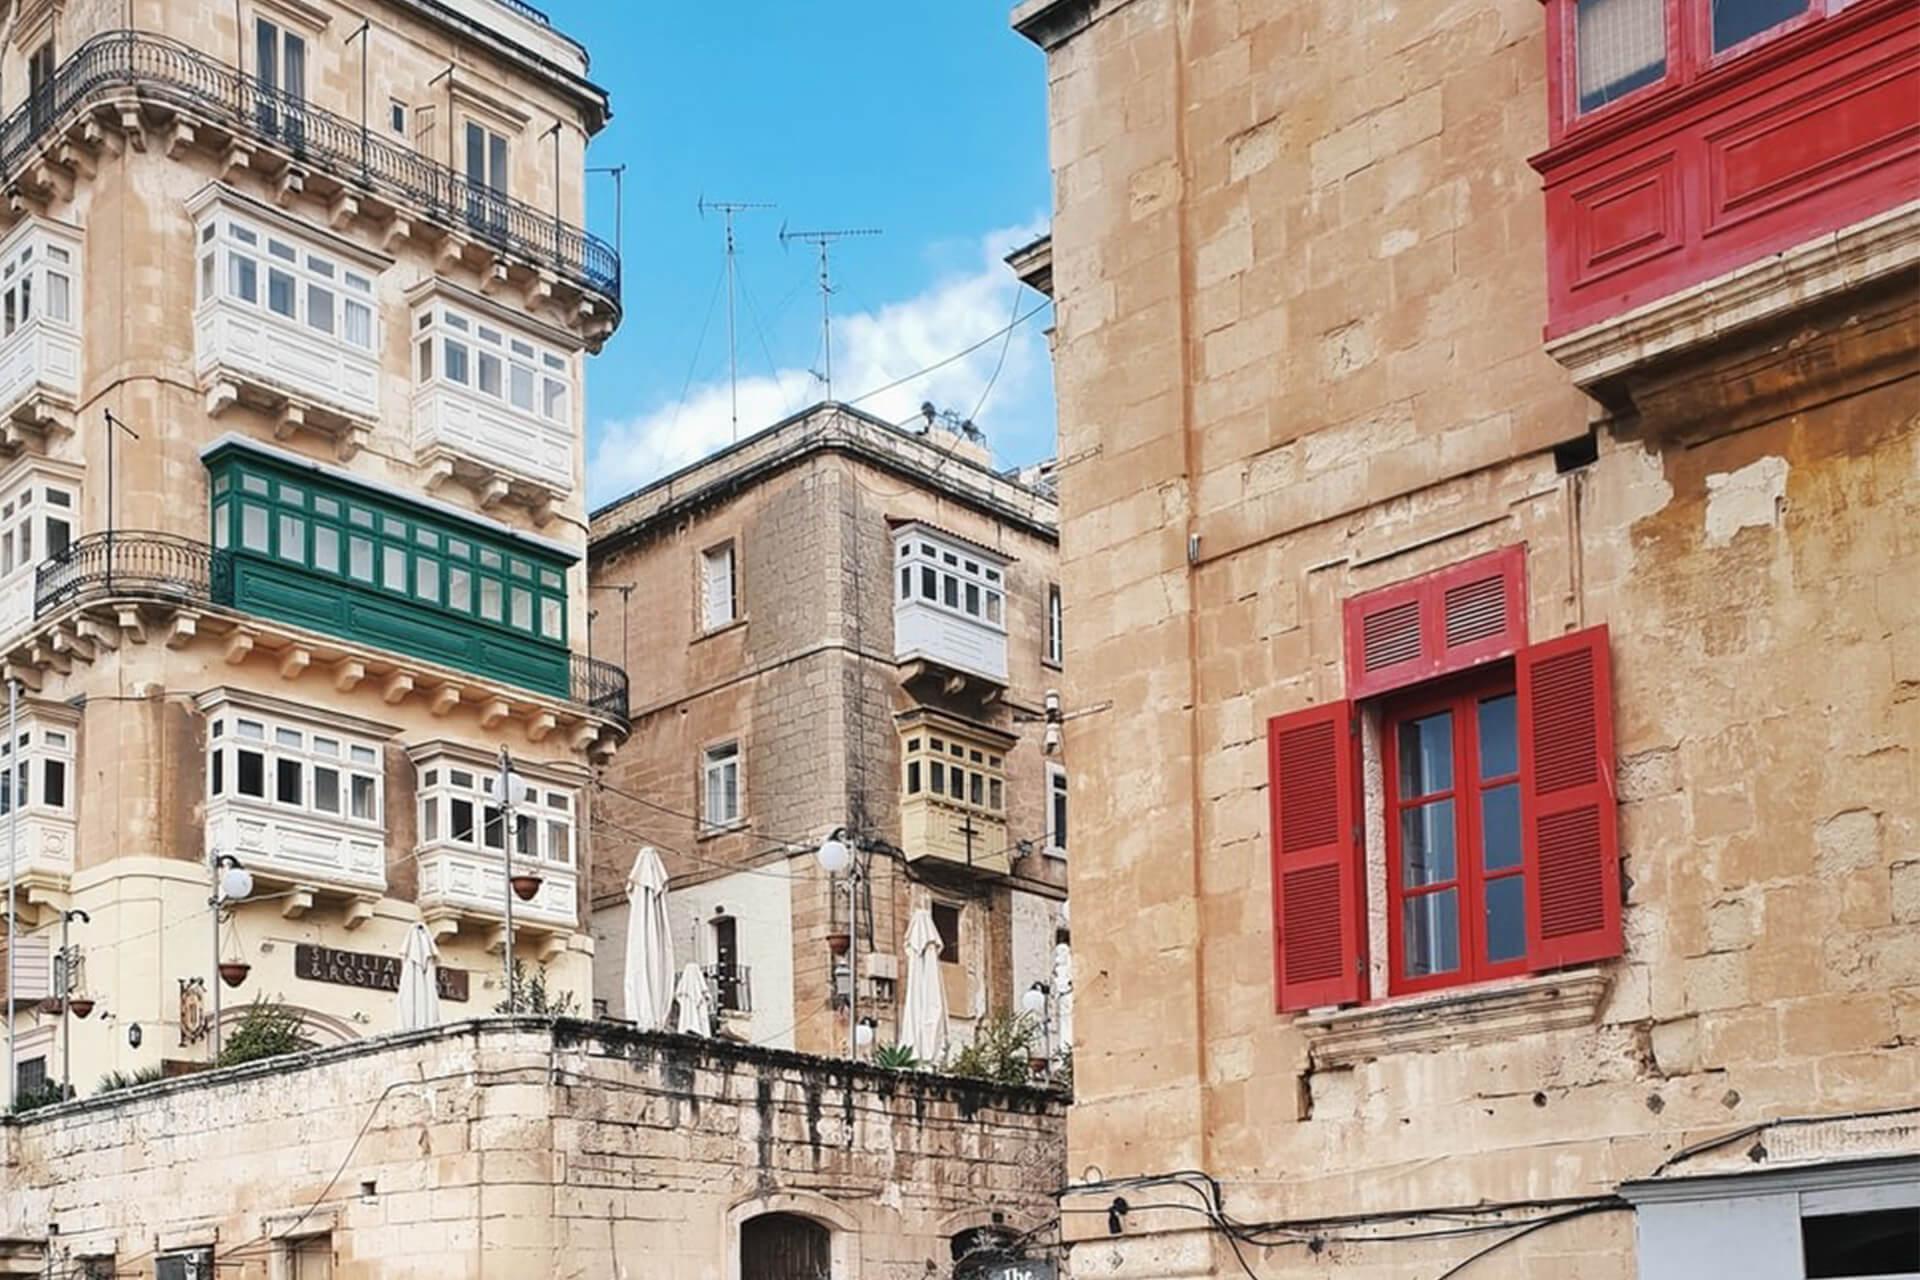 Comment bien choisir son logement à Malte